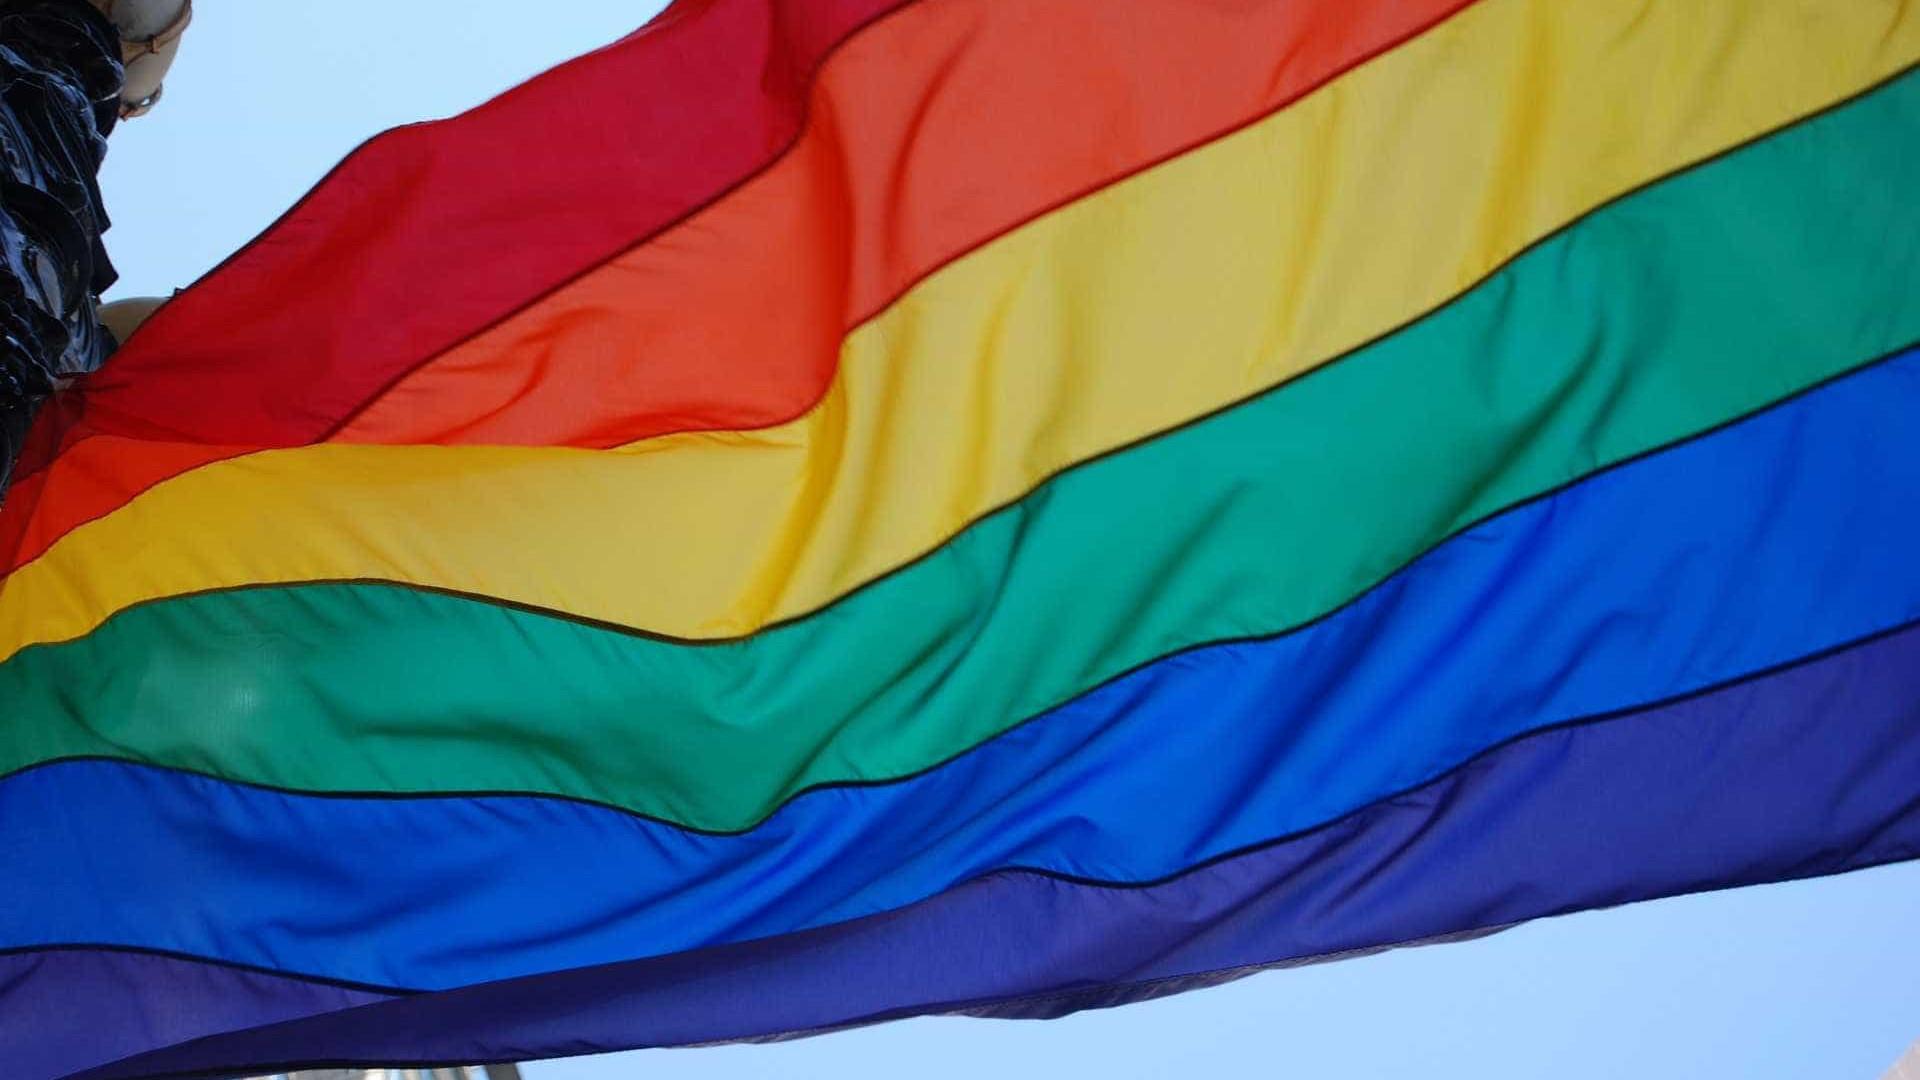 Trans poderão mudar registro civil sem necessidade de cirurgia